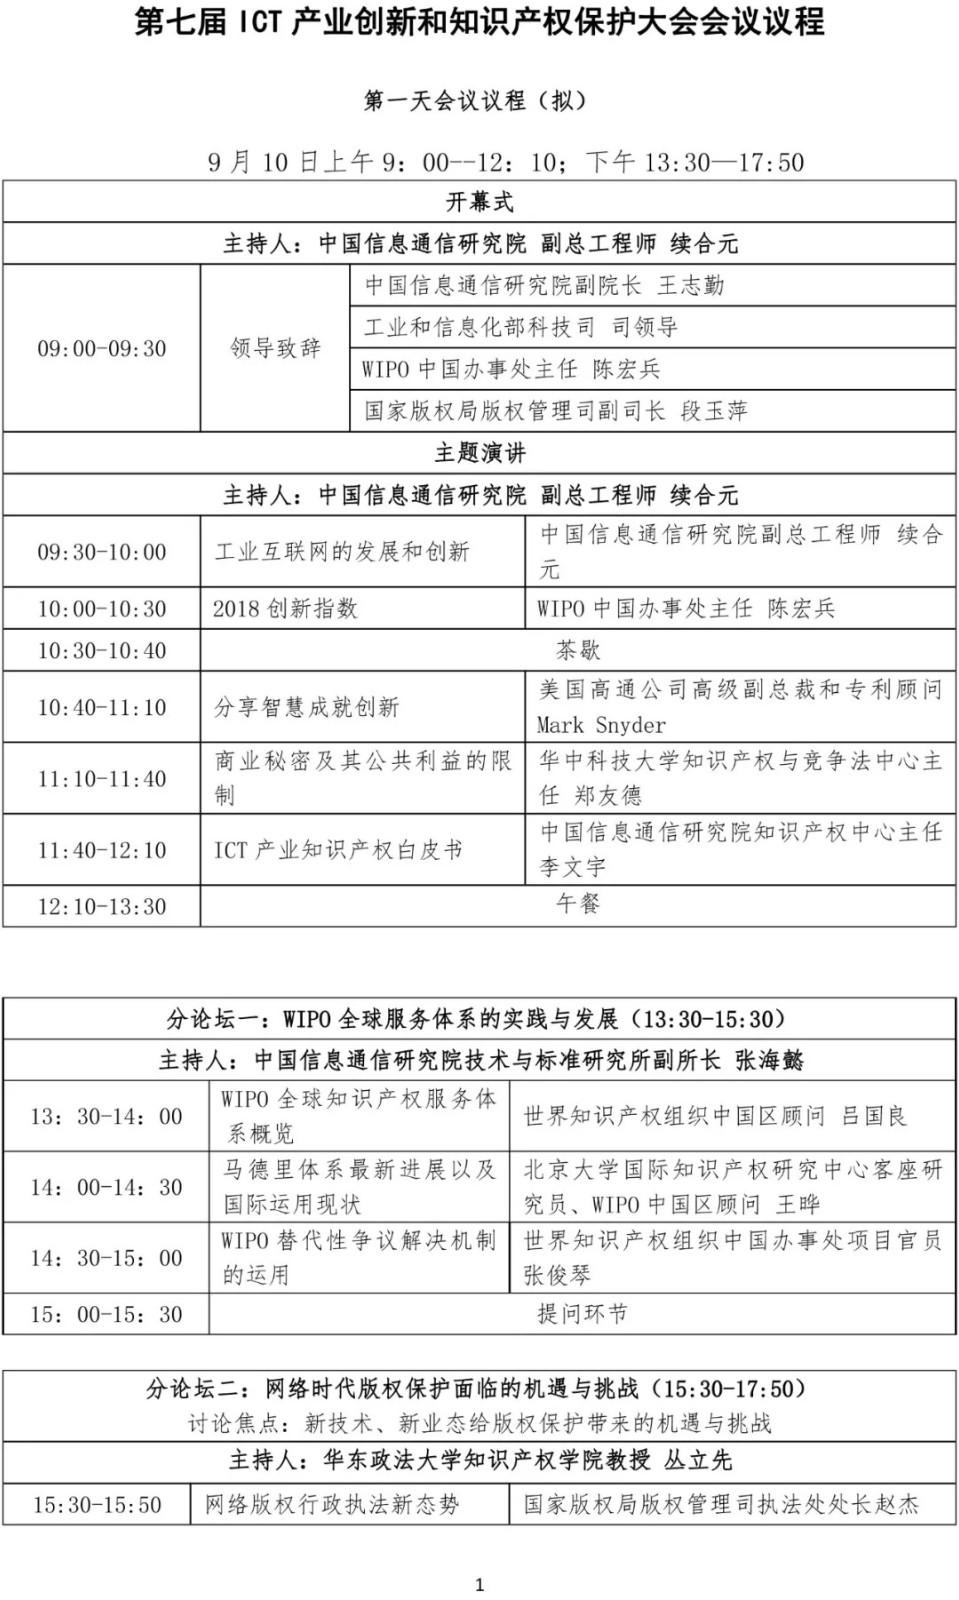 【邀请函】第七届ICT产业创新和知识产权保护大会